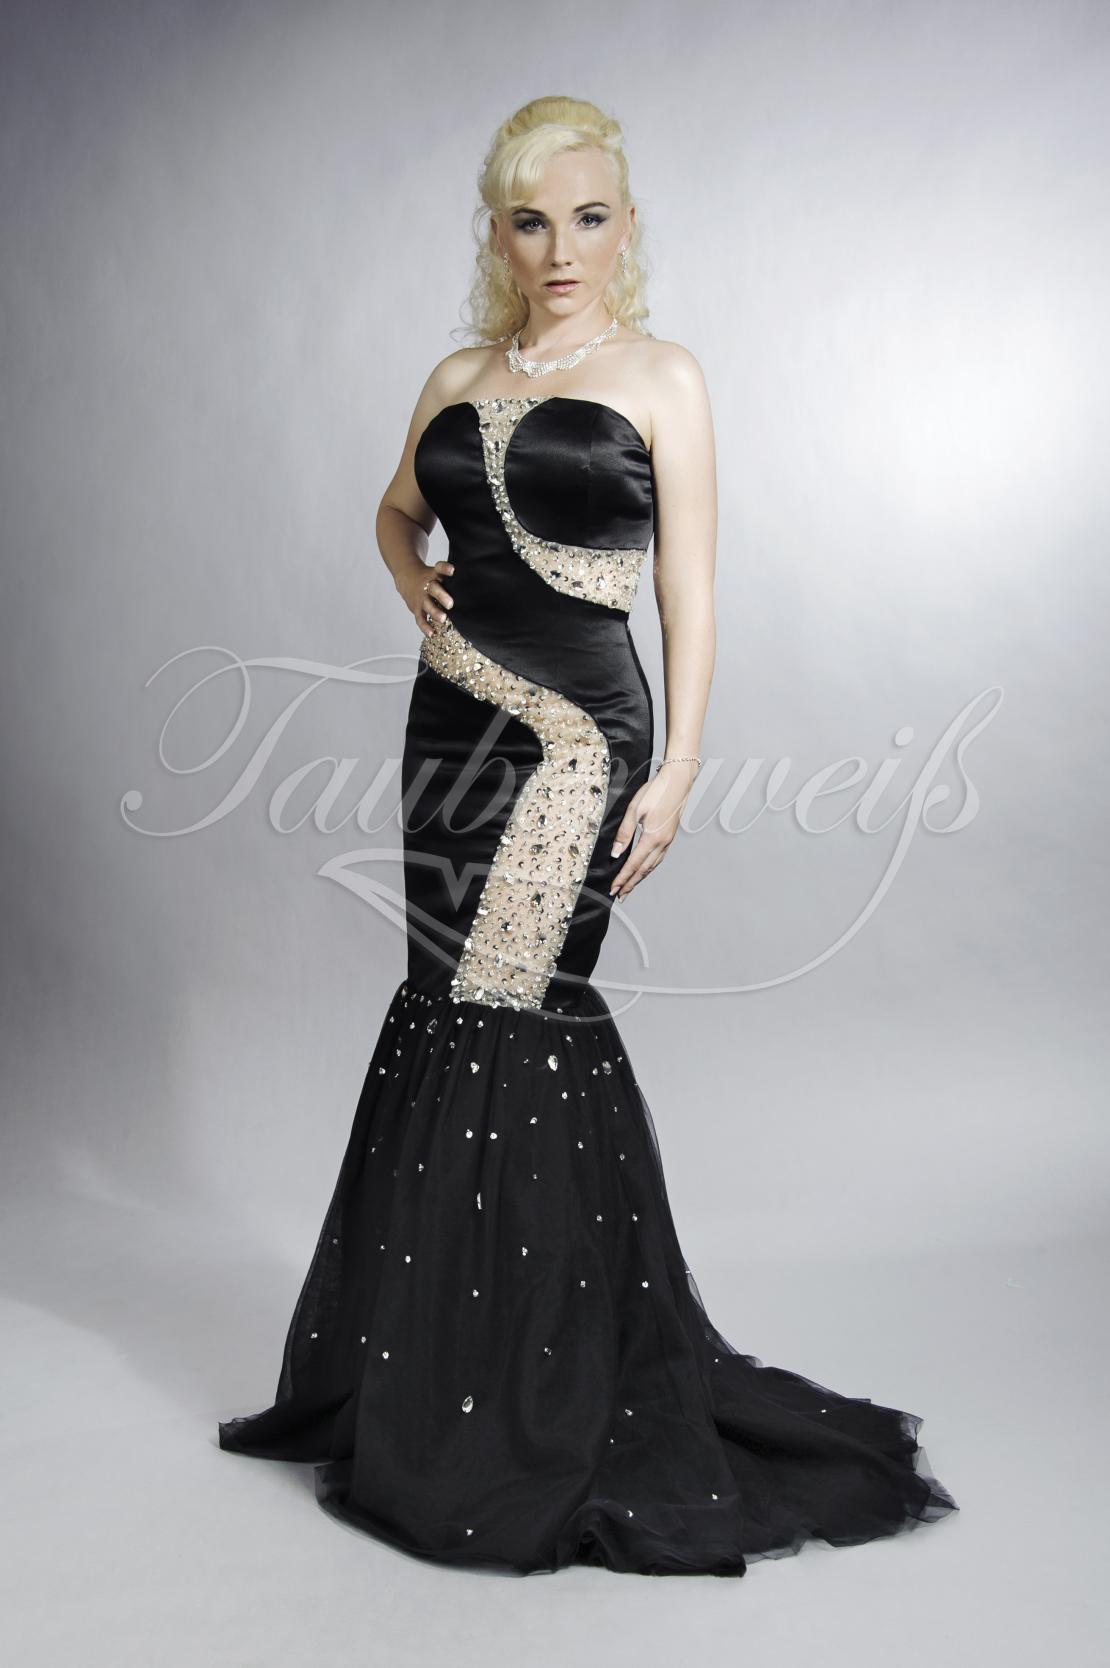 Formal Coolste Abendkleid Transparent VertriebAbend Schön Abendkleid Transparent Spezialgebiet